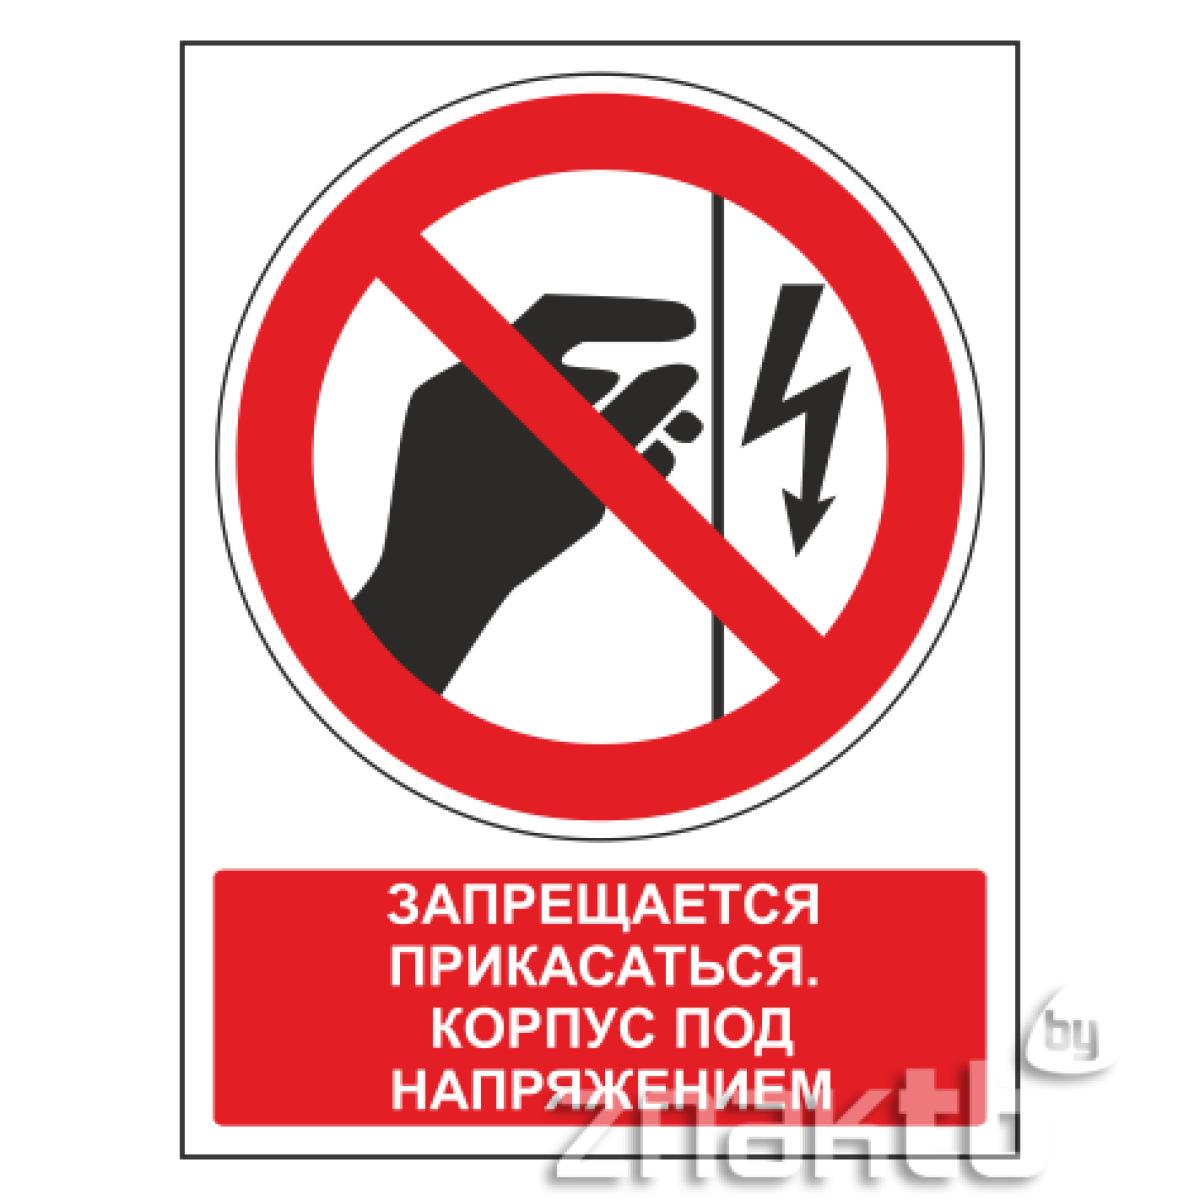 459 Знак Запрещается прикасаться. Корпус под напряжением (с поясняющей надписью)